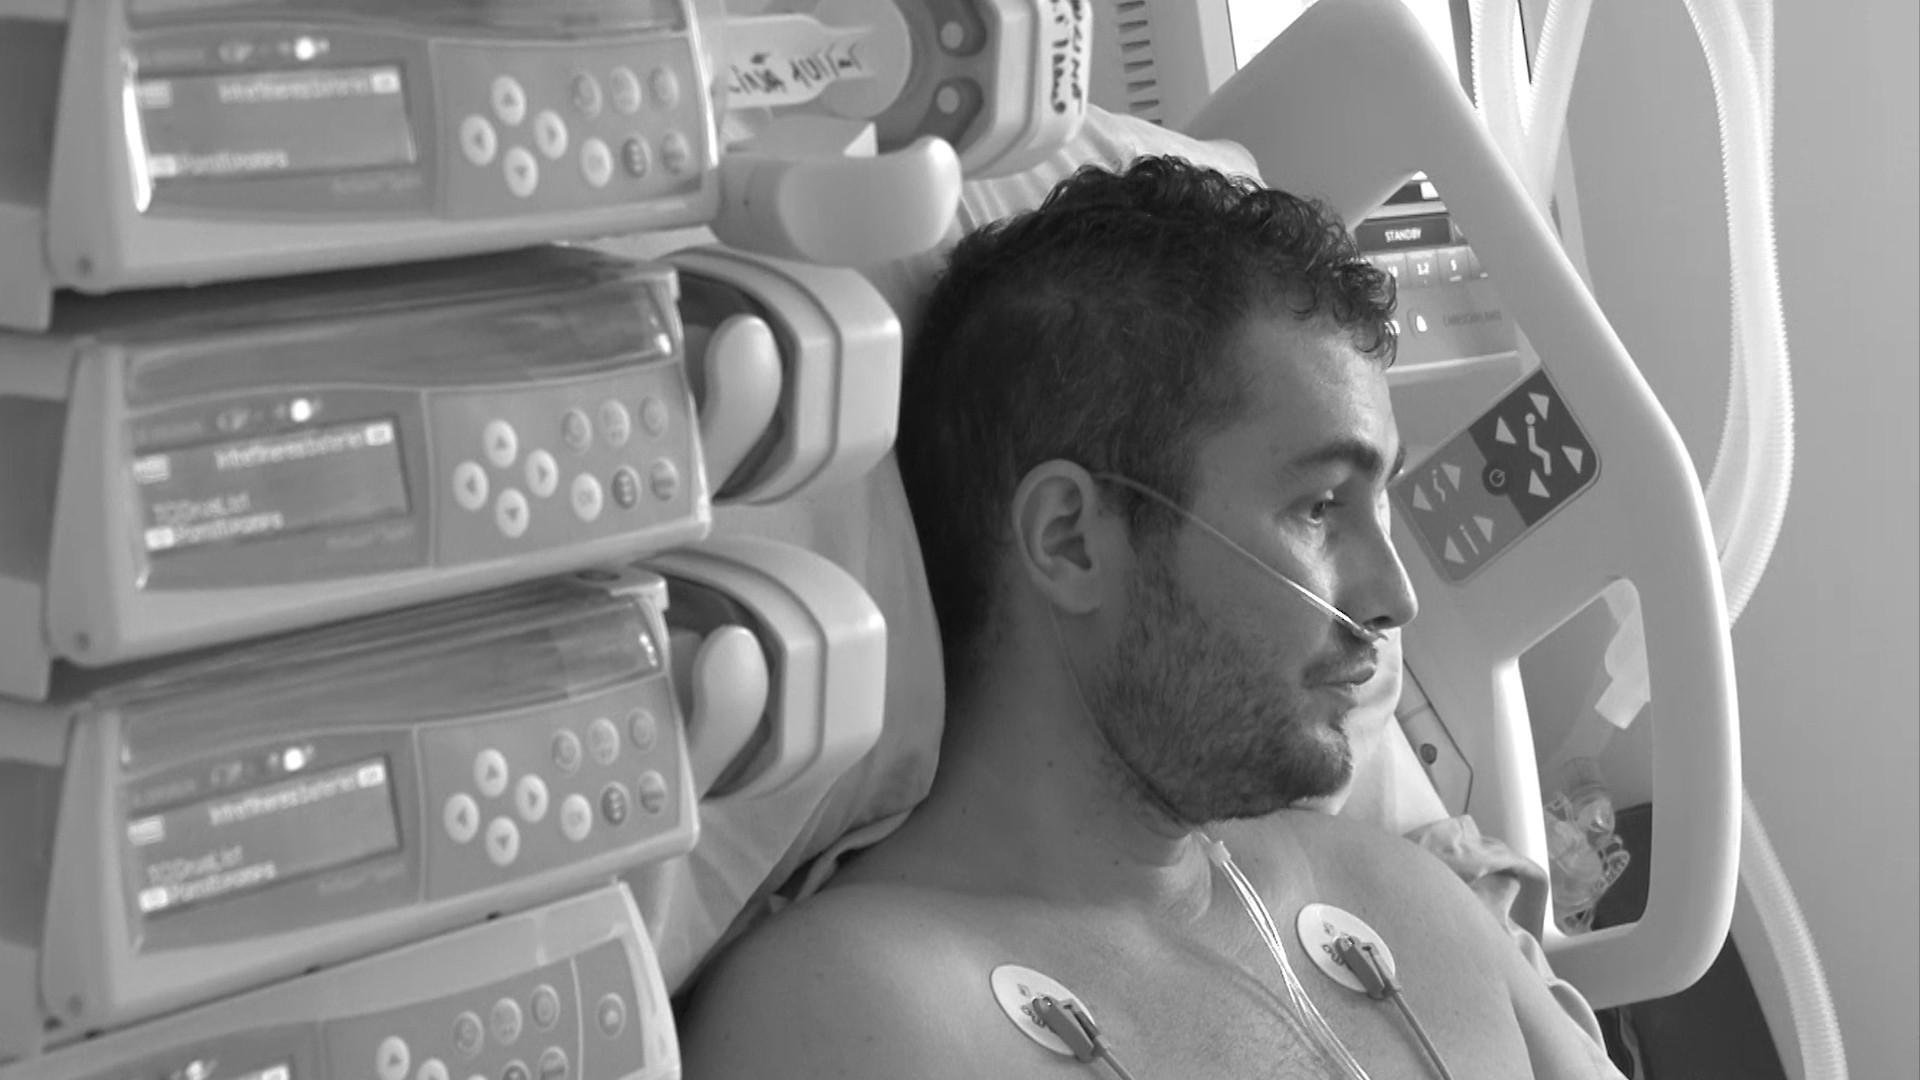 Tânărul de 34 de ani, care a stat intubat la ATI timp de trei săptămâni, a murit la două ore după ce s-a externat. Bărbatul a refuzat să se vaccineze pentru că nu credea în boală